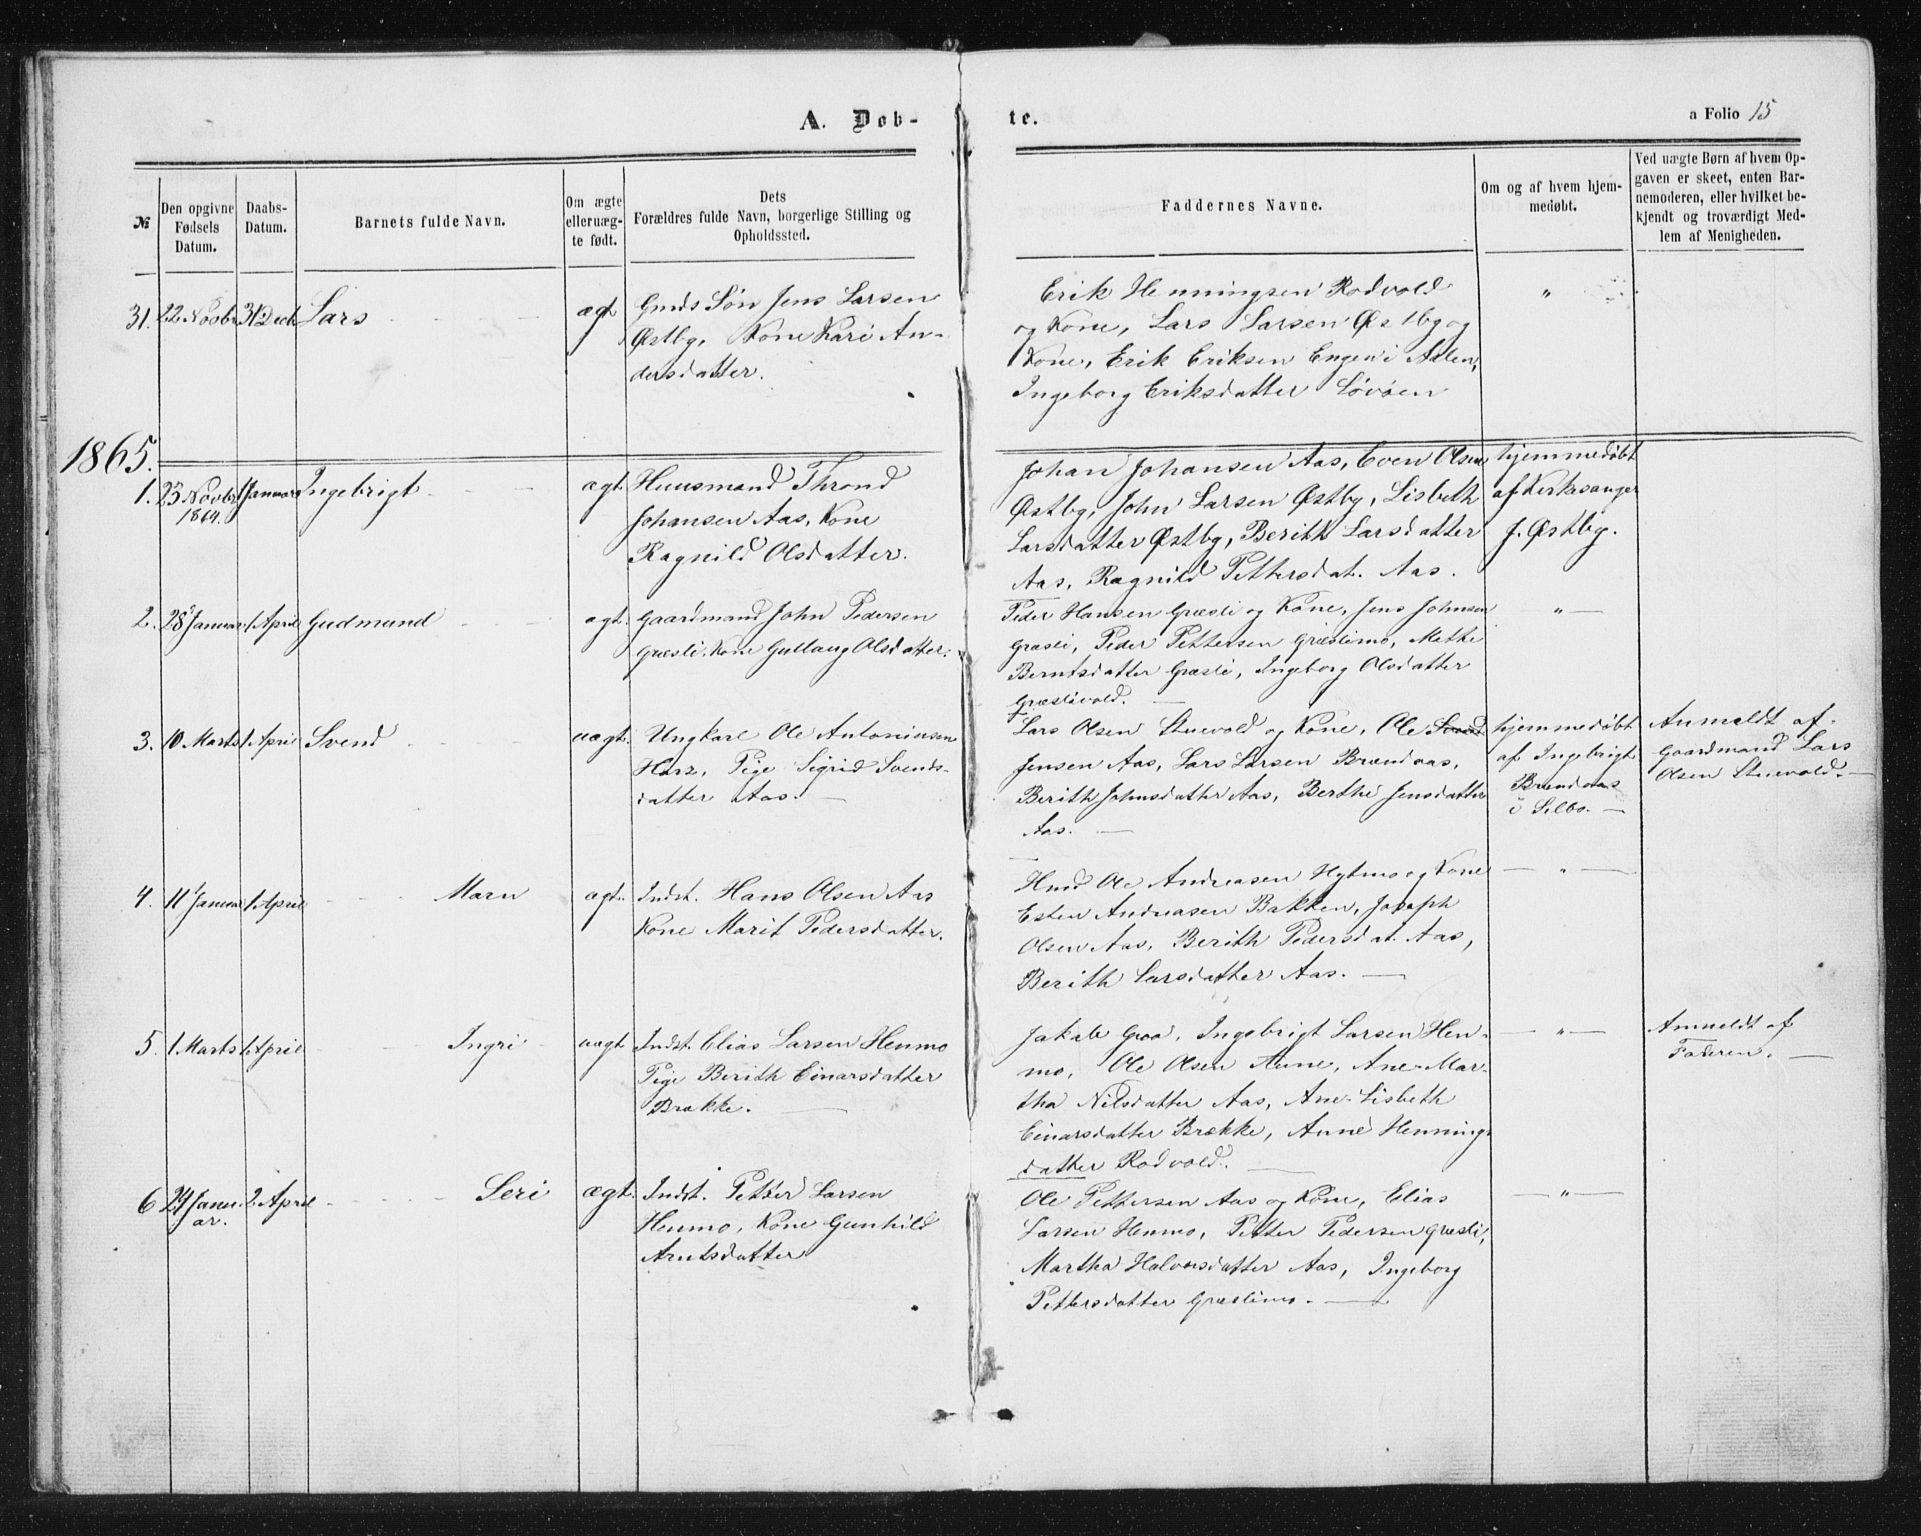 SAT, Ministerialprotokoller, klokkerbøker og fødselsregistre - Sør-Trøndelag, 698/L1166: Klokkerbok nr. 698C03, 1861-1887, s. 15